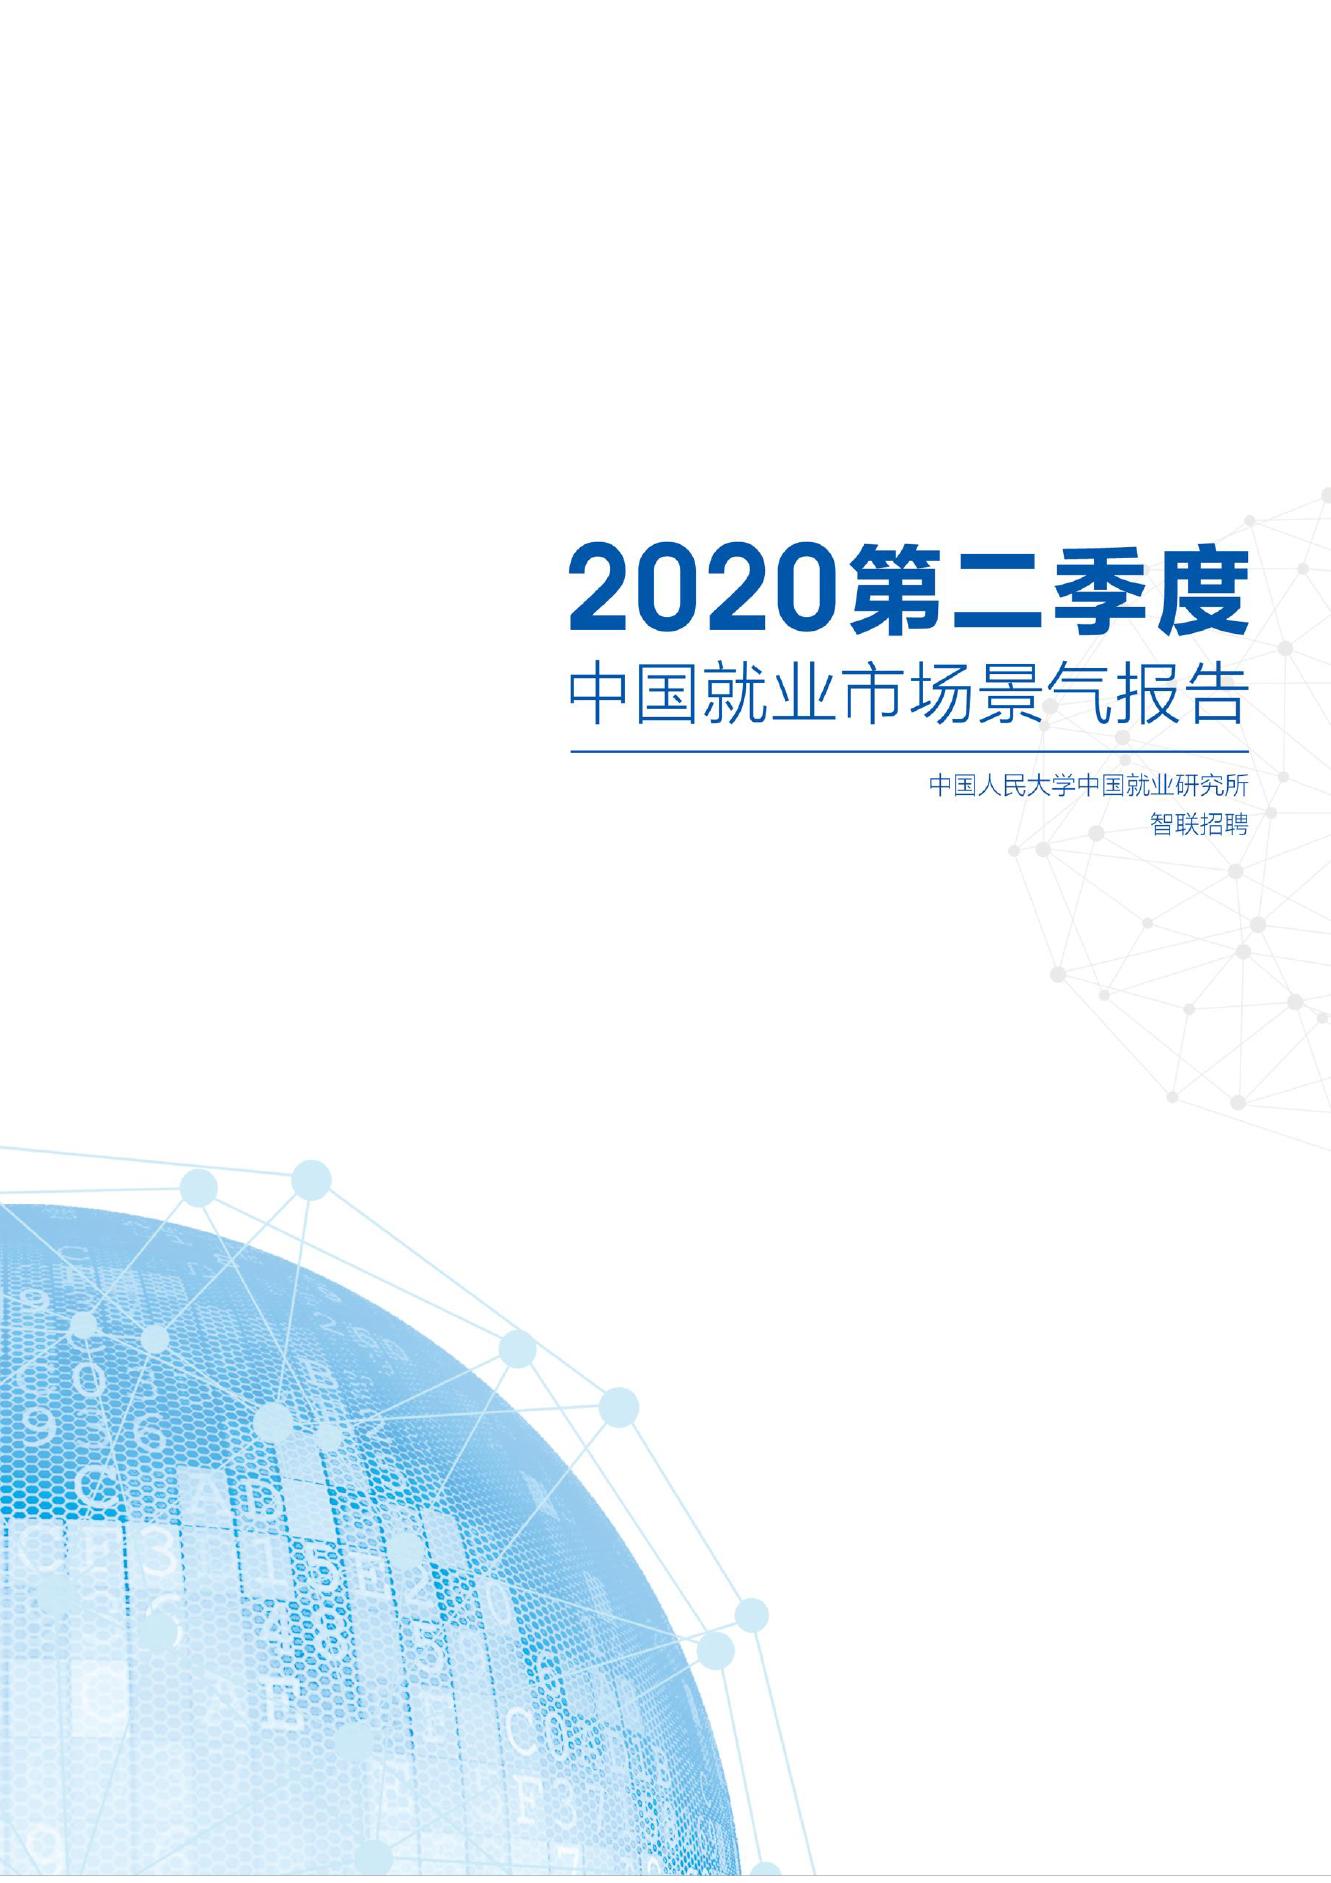 中国就业研究所&智联招聘:2020年第二季度应届生就业市场景气报告